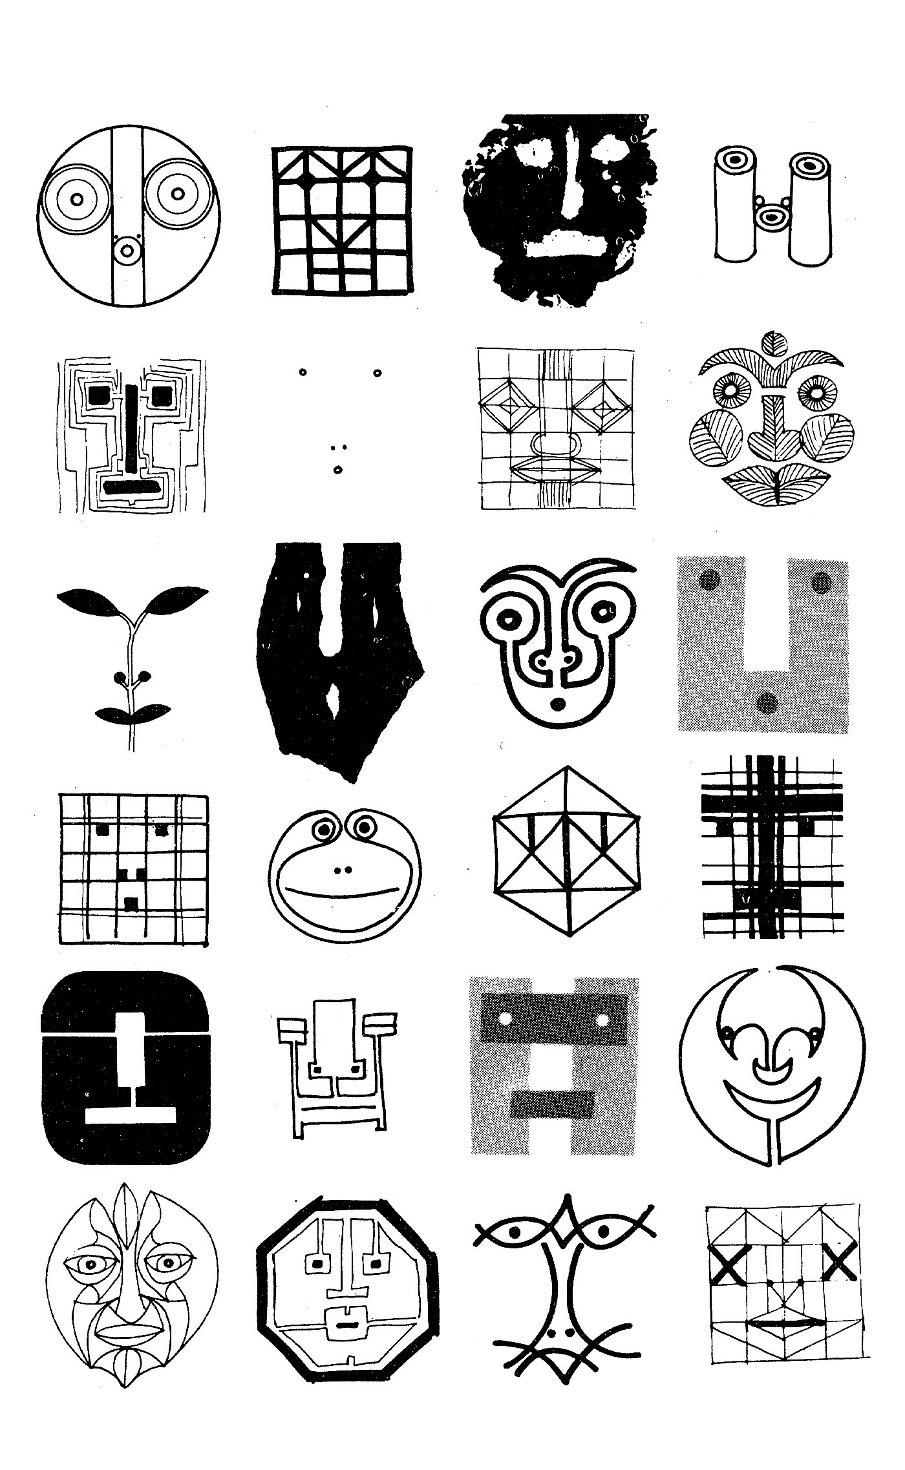 tavola di bruno munari con sketch di figure e visi antropomorfi